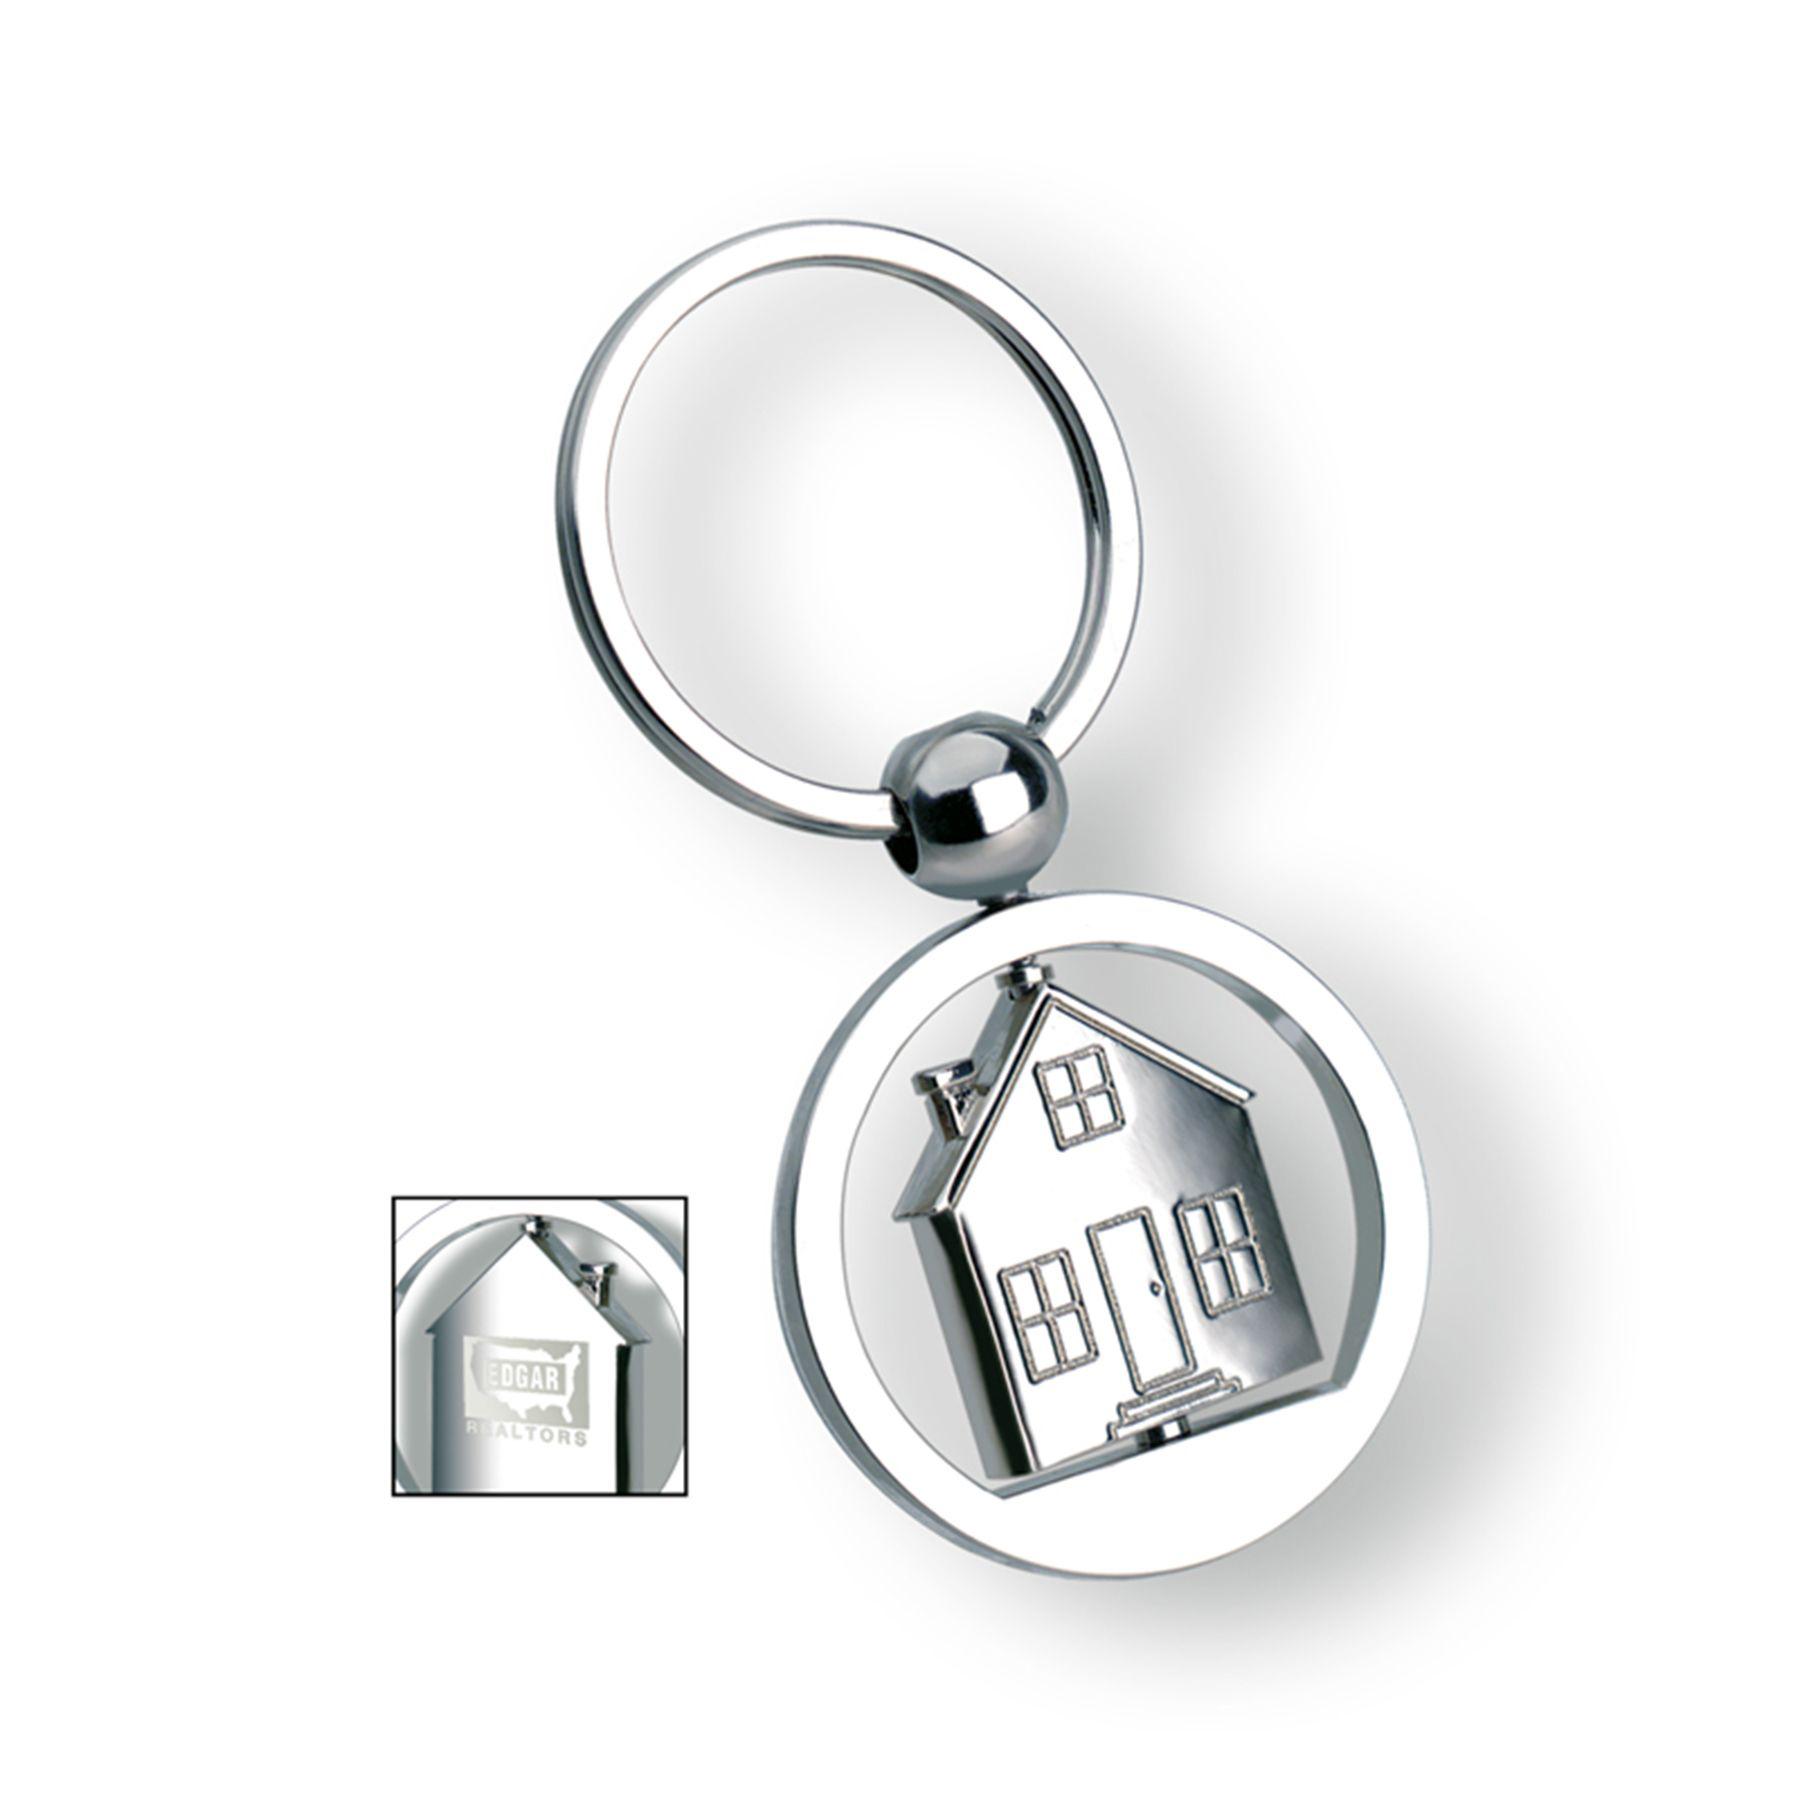 134693640-114 - Inner Spin House Key Holder - thumbnail